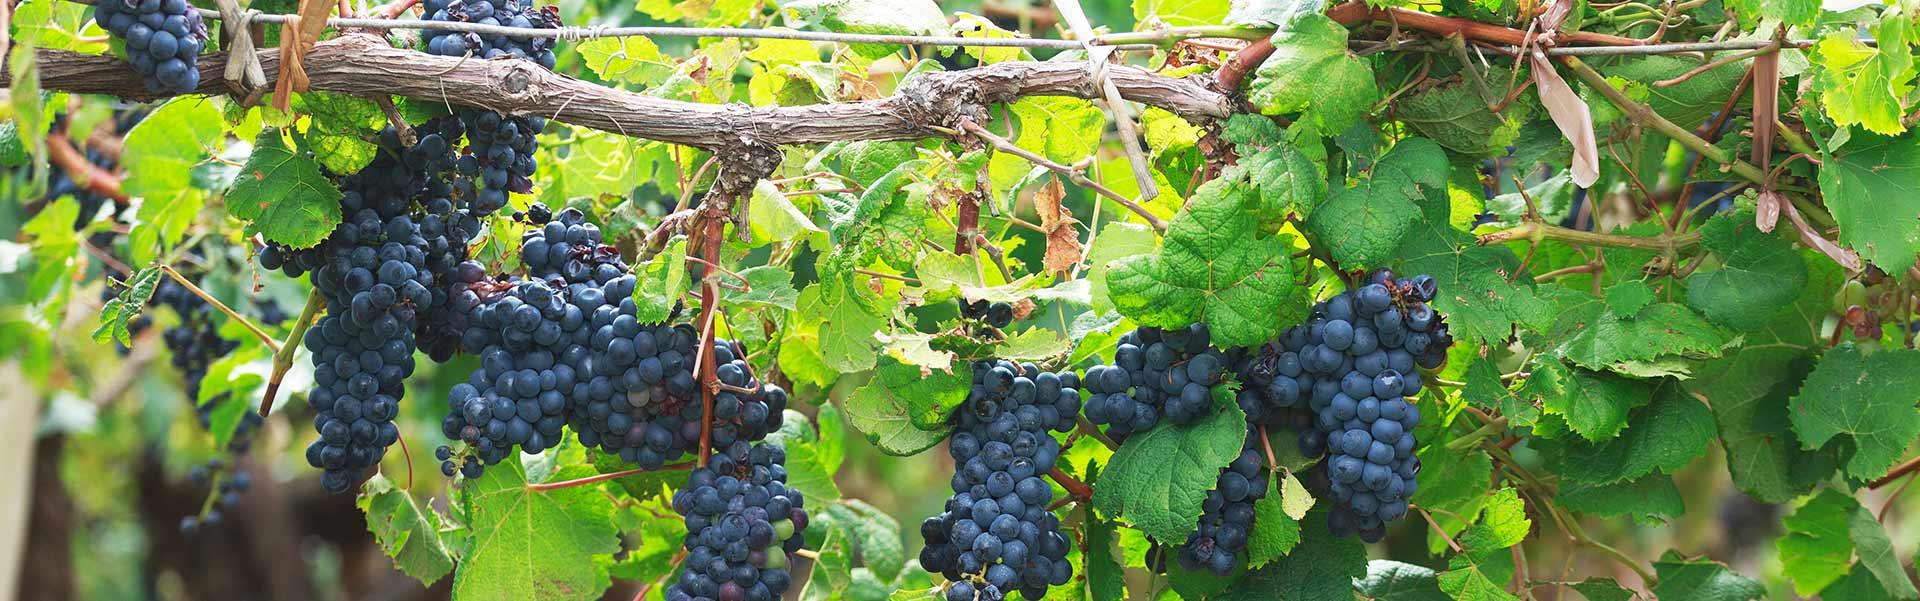 Weinkellerei Meraner Weingut Strehn